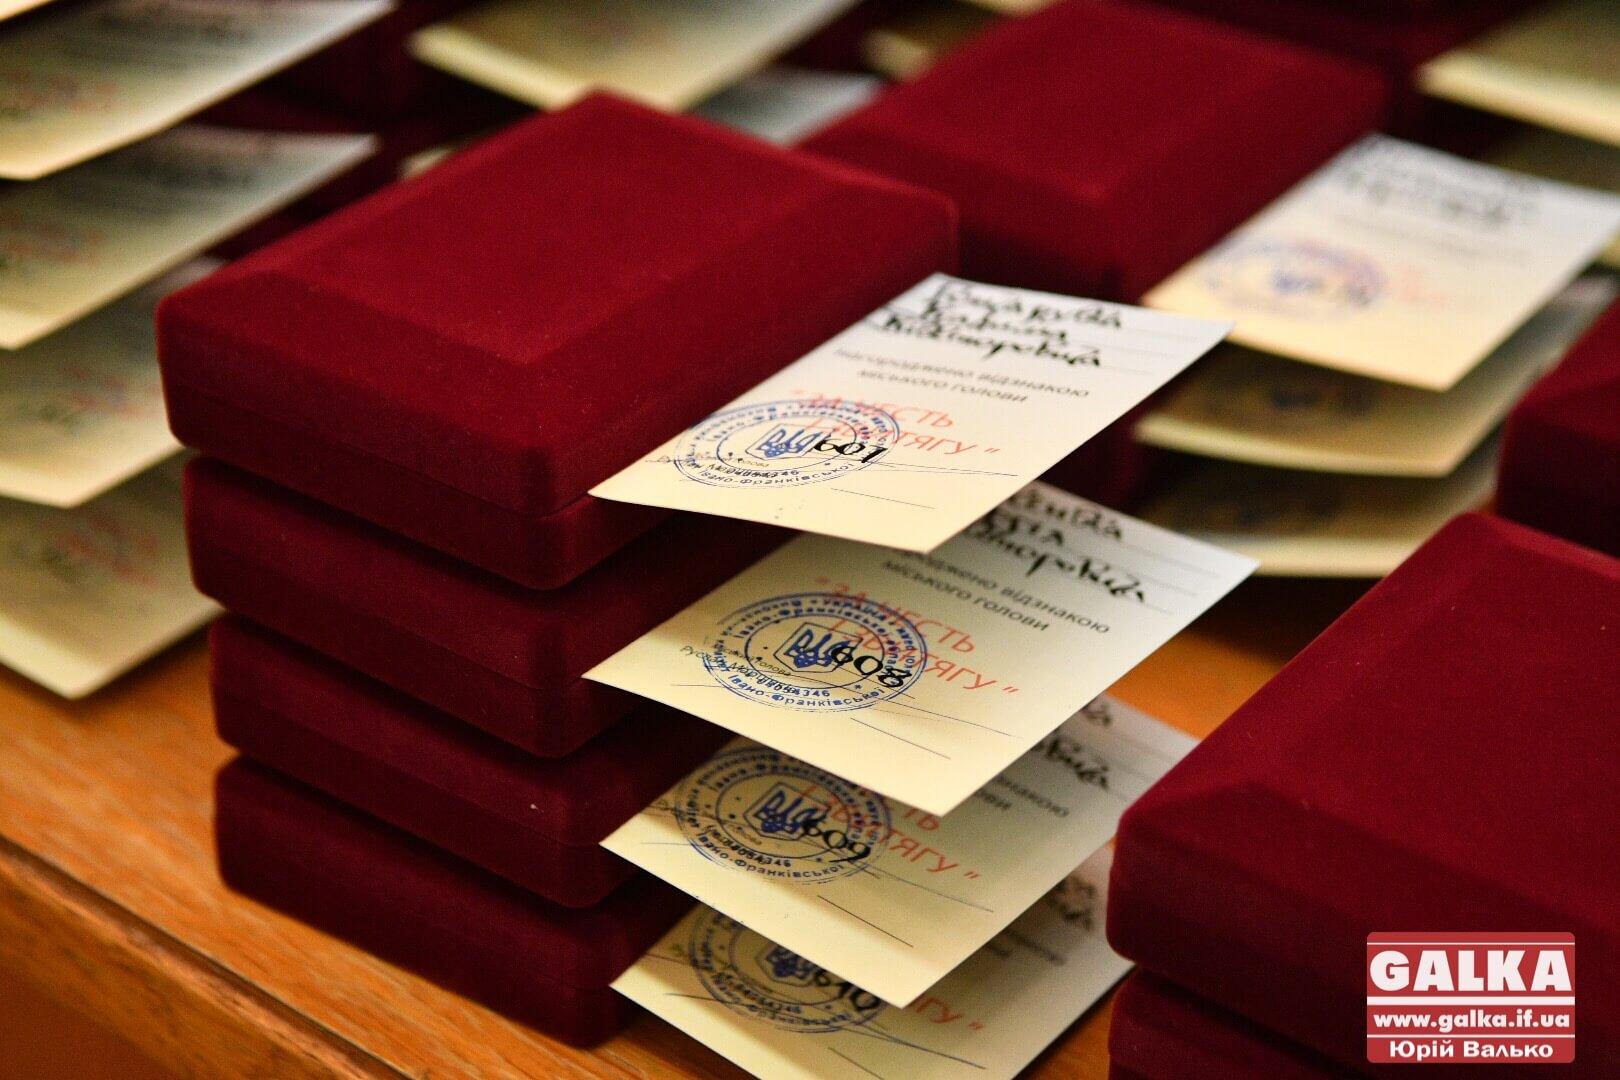 Міський голова відзнаками привітав атовців з новорічними святами